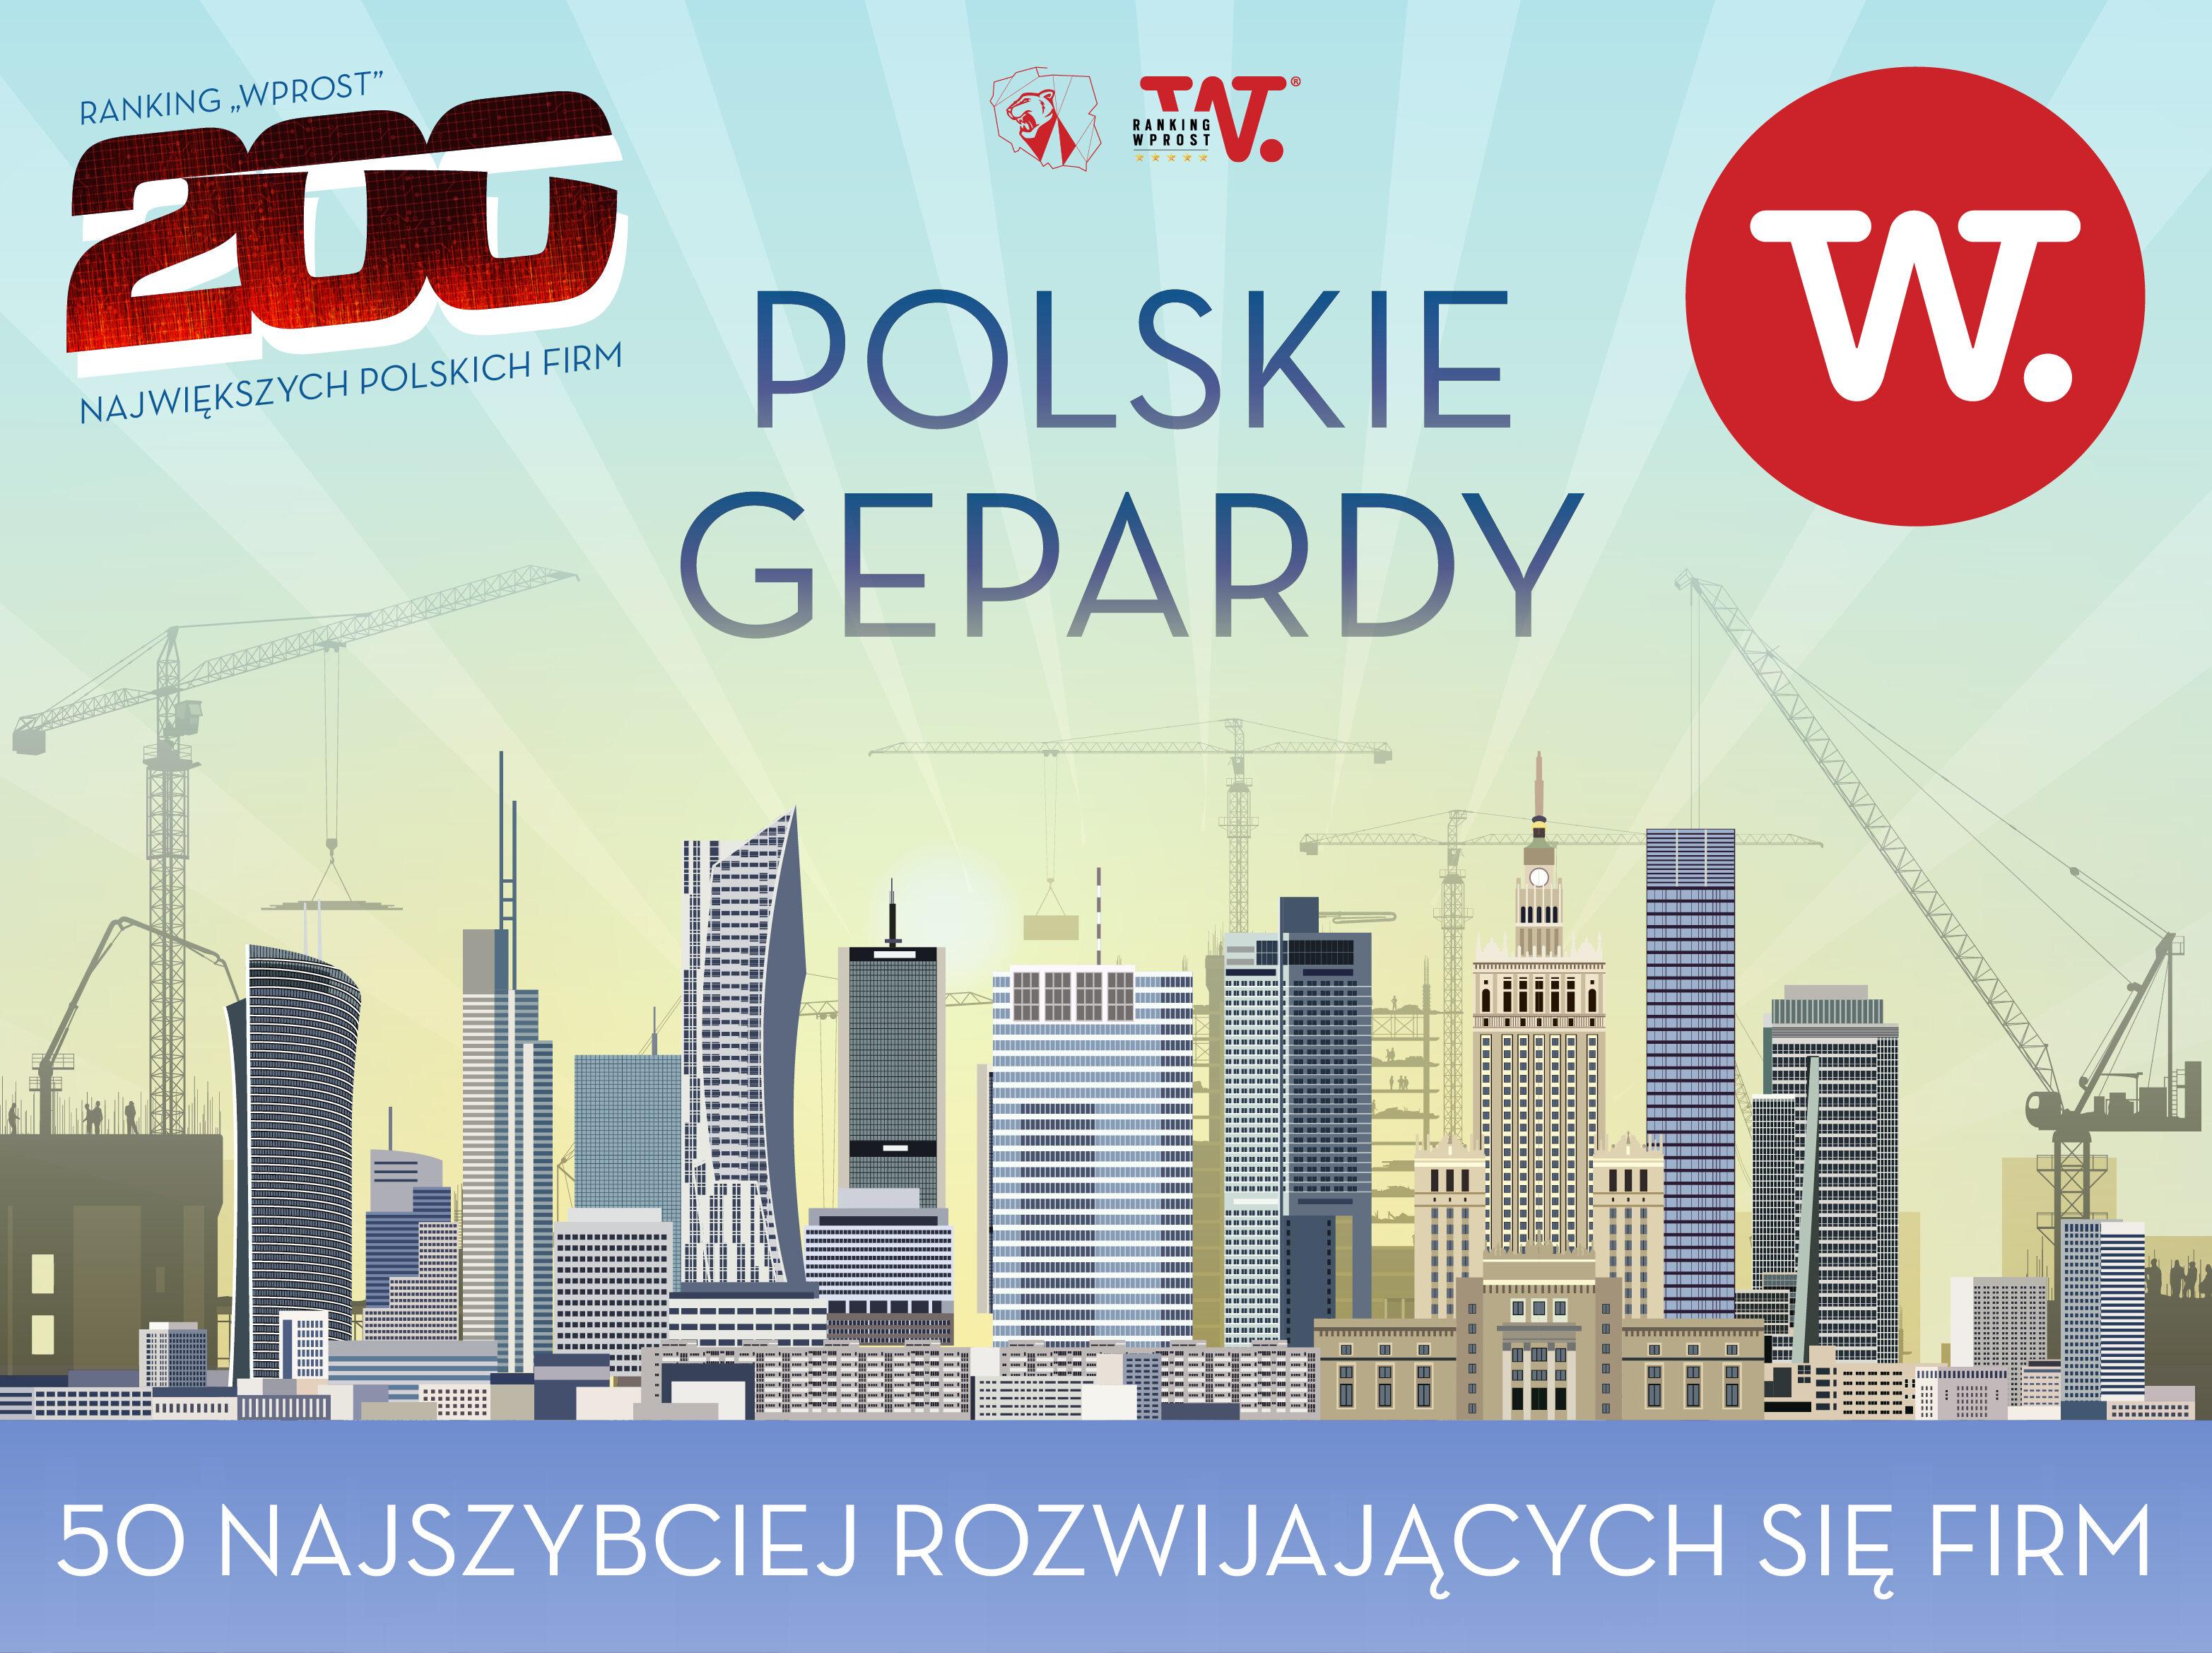 Polskie Gepardy - Ranking 50 najszybciej rozwijających się firm